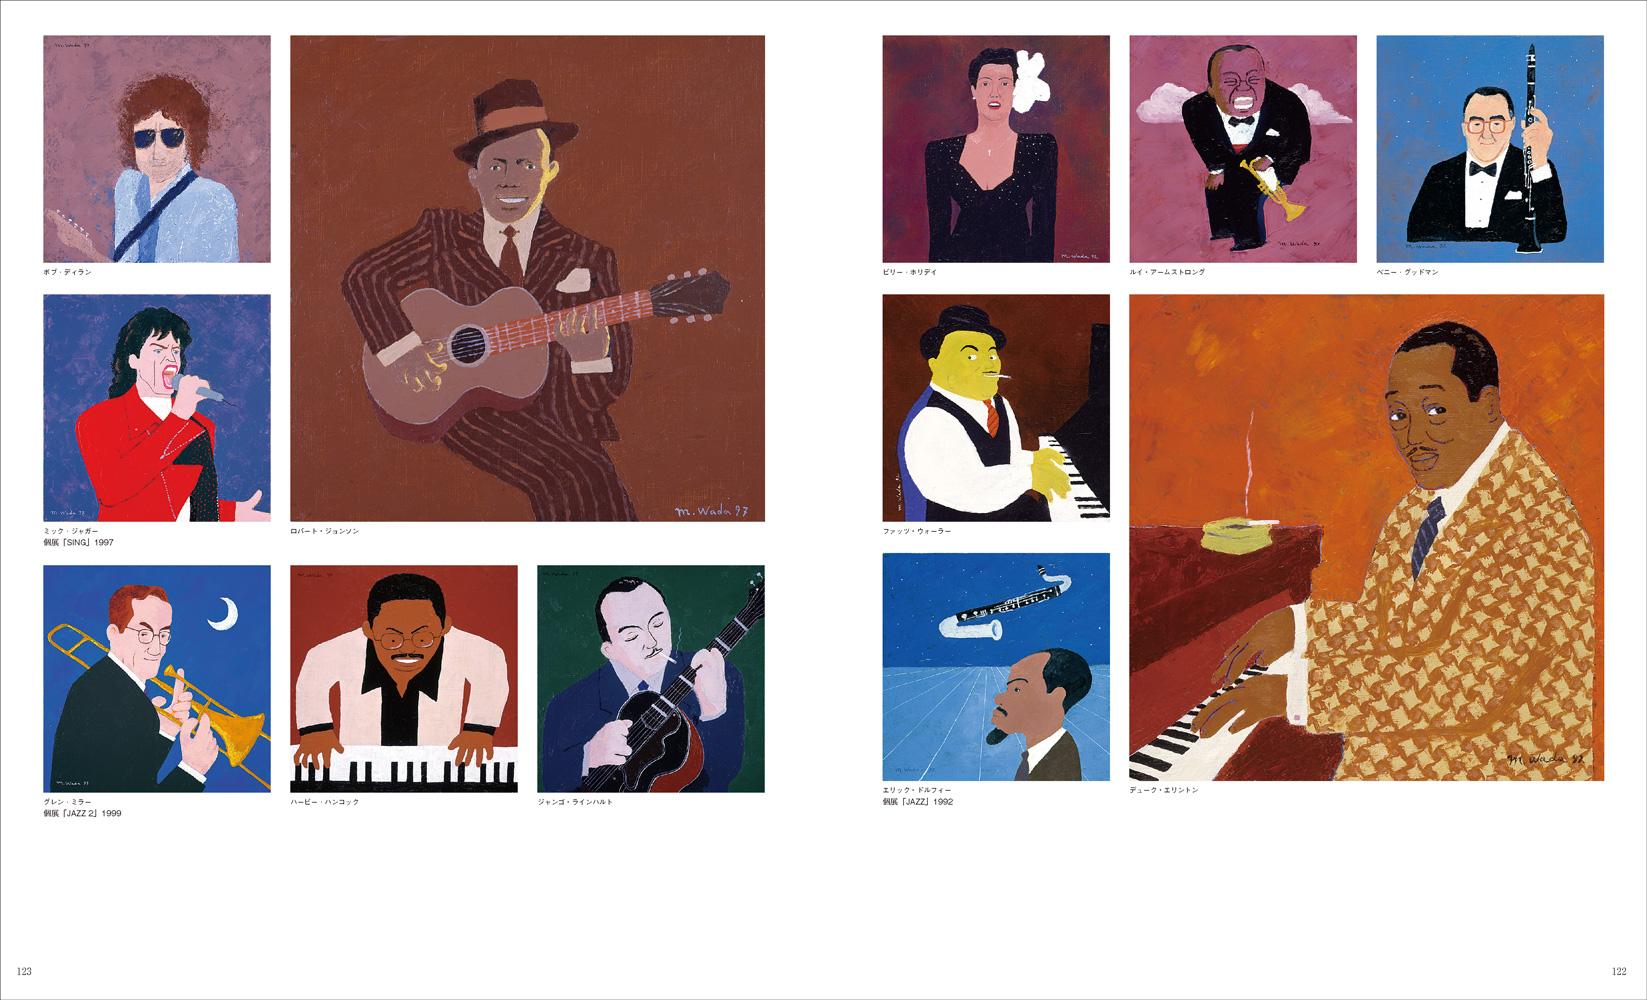 和田誠-時間旅行-個展作品よりミュージシャンを描いたシリーズ